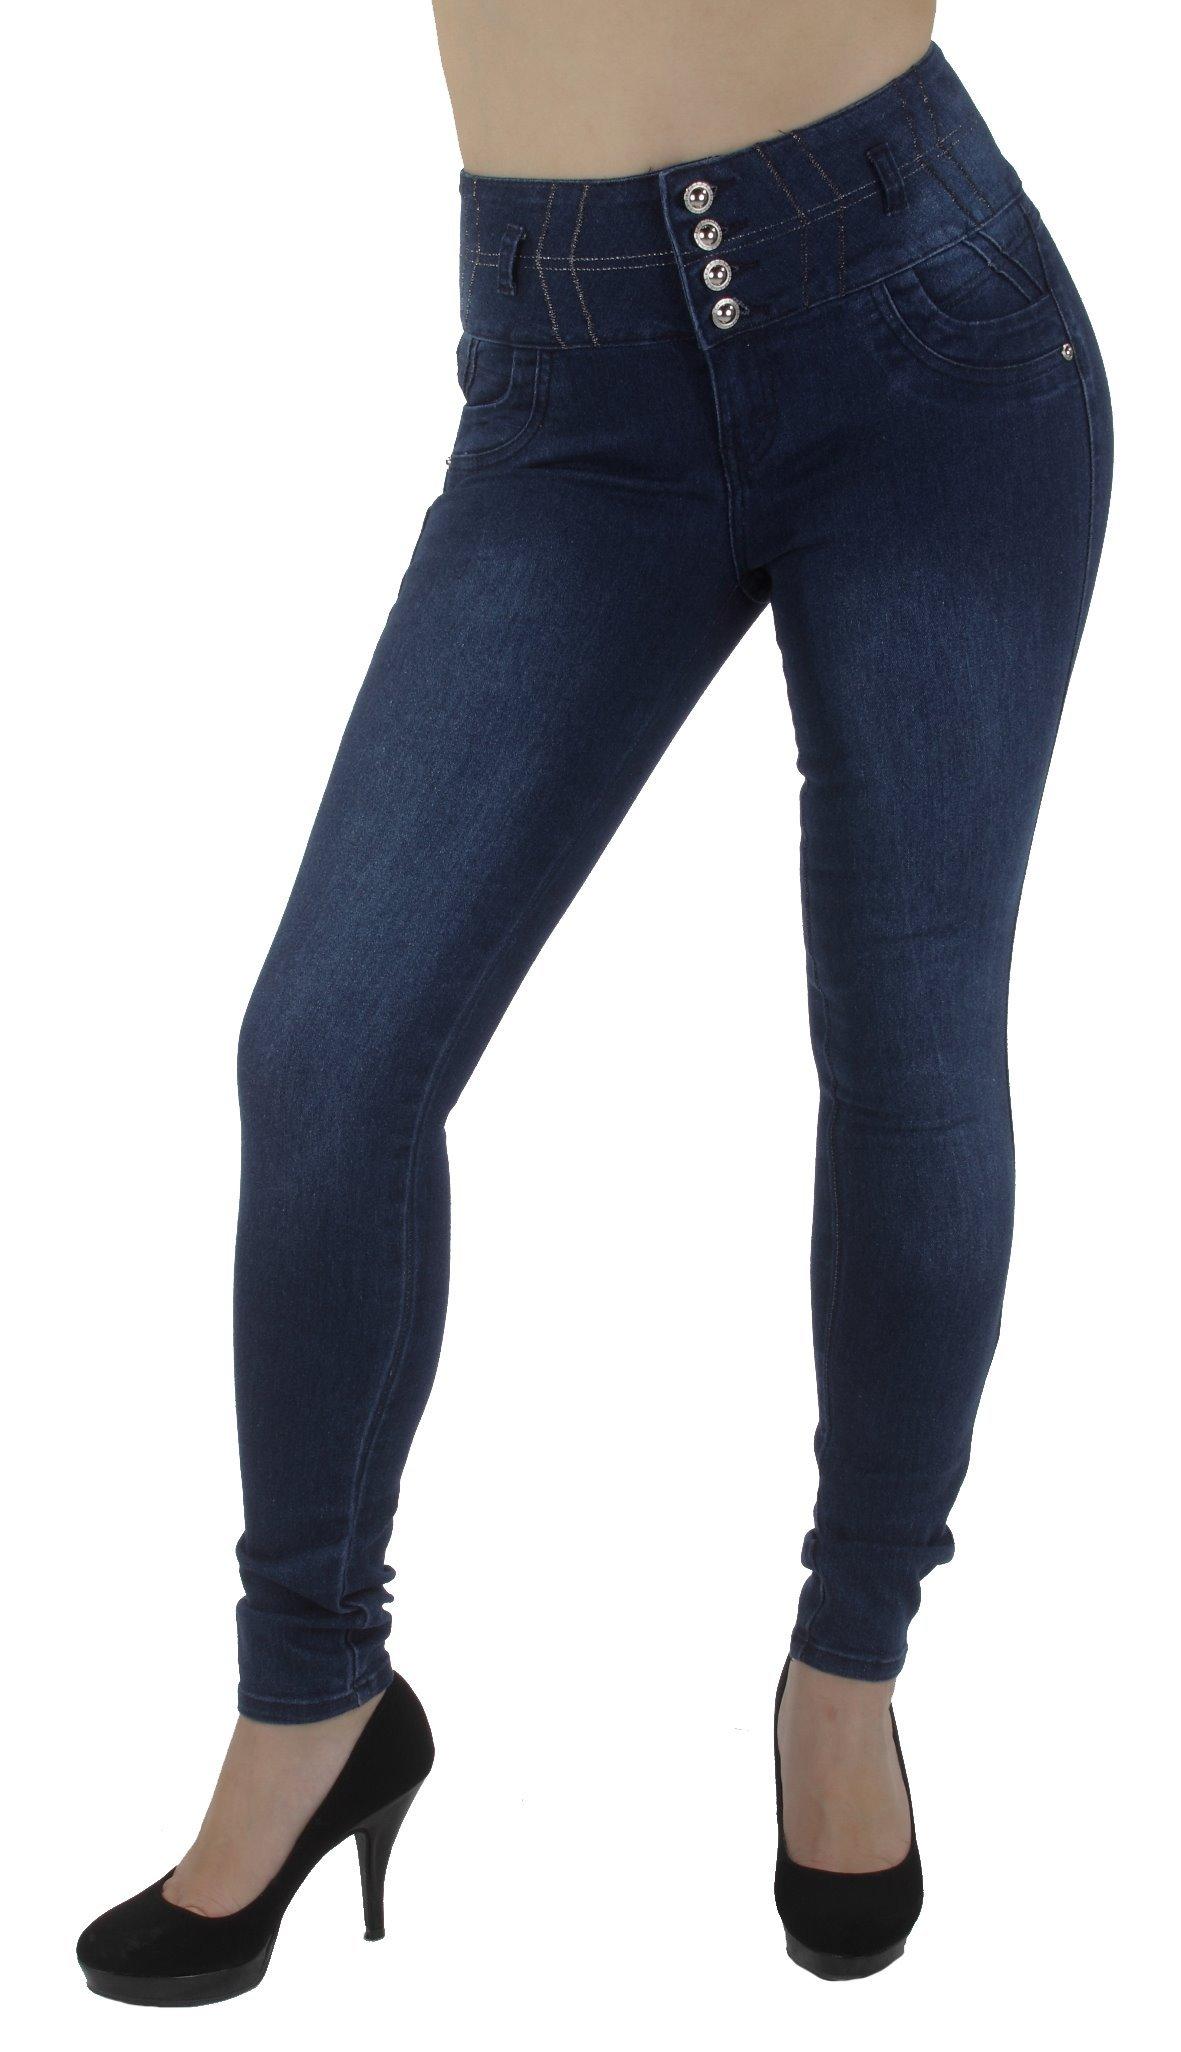 Crocker Style M1133 – Colombian Design, High Waist, Butt Lift, Skinny Jeans in Dark Blue Size 7